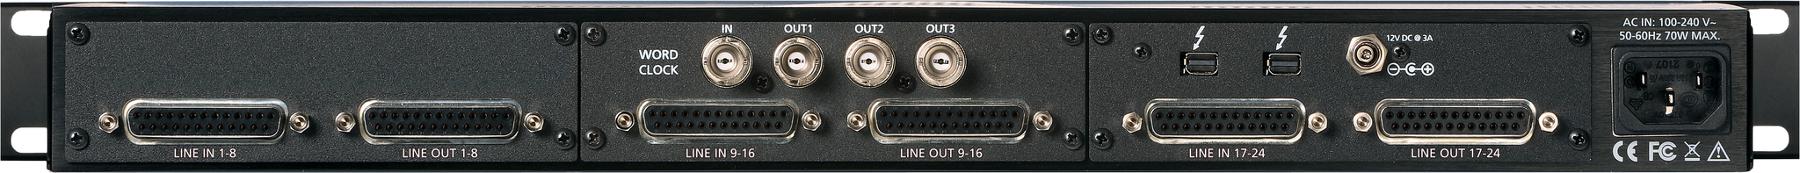 24-channel 24-bit / 192 kHz A/D D/A Converter System [Thunderbolt]